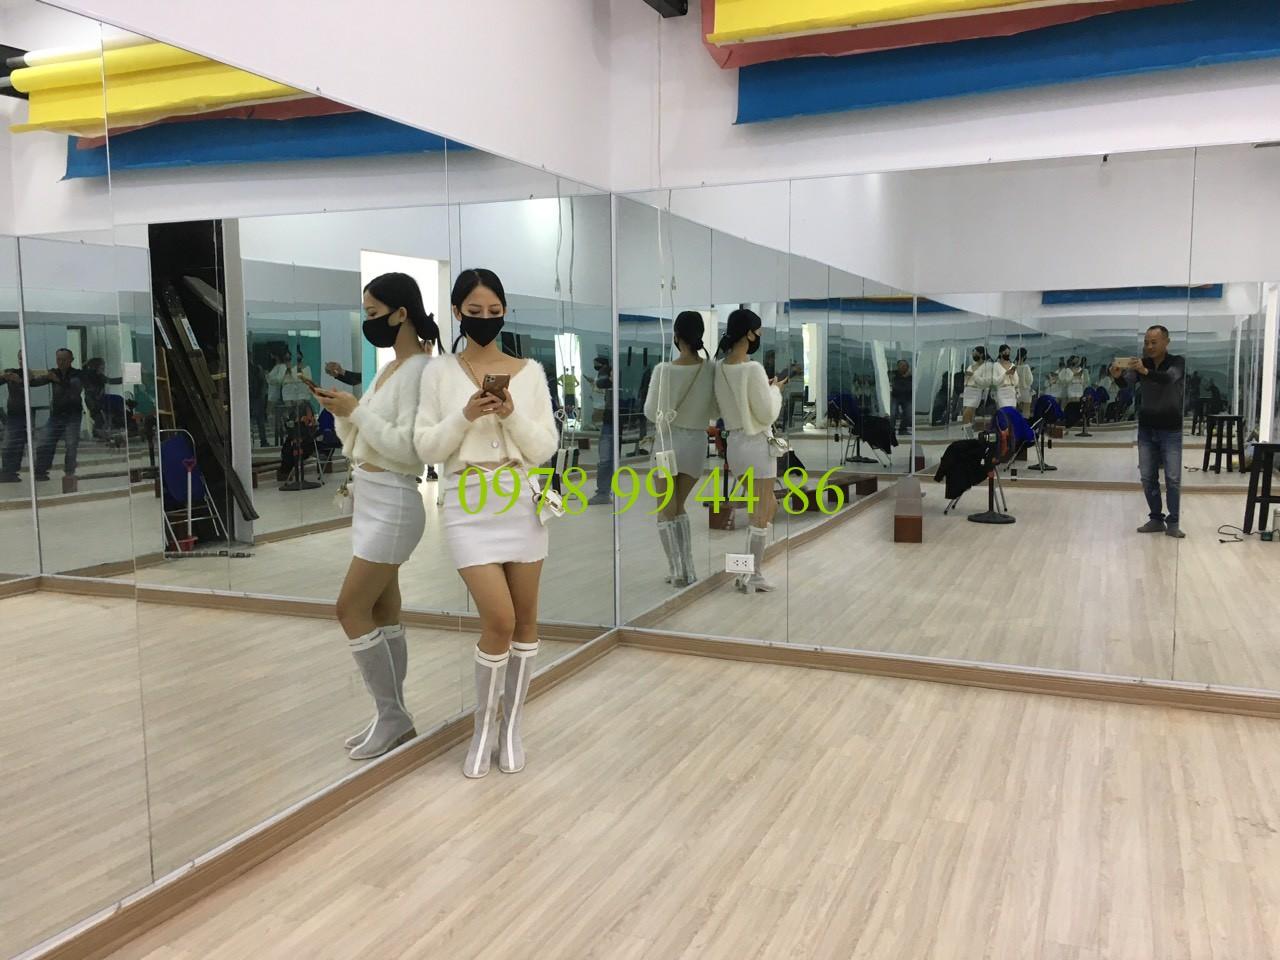 Gương phòng tập 689755 Chuyên gương phòng tập gym,yoga,zumba,múa chính hãng